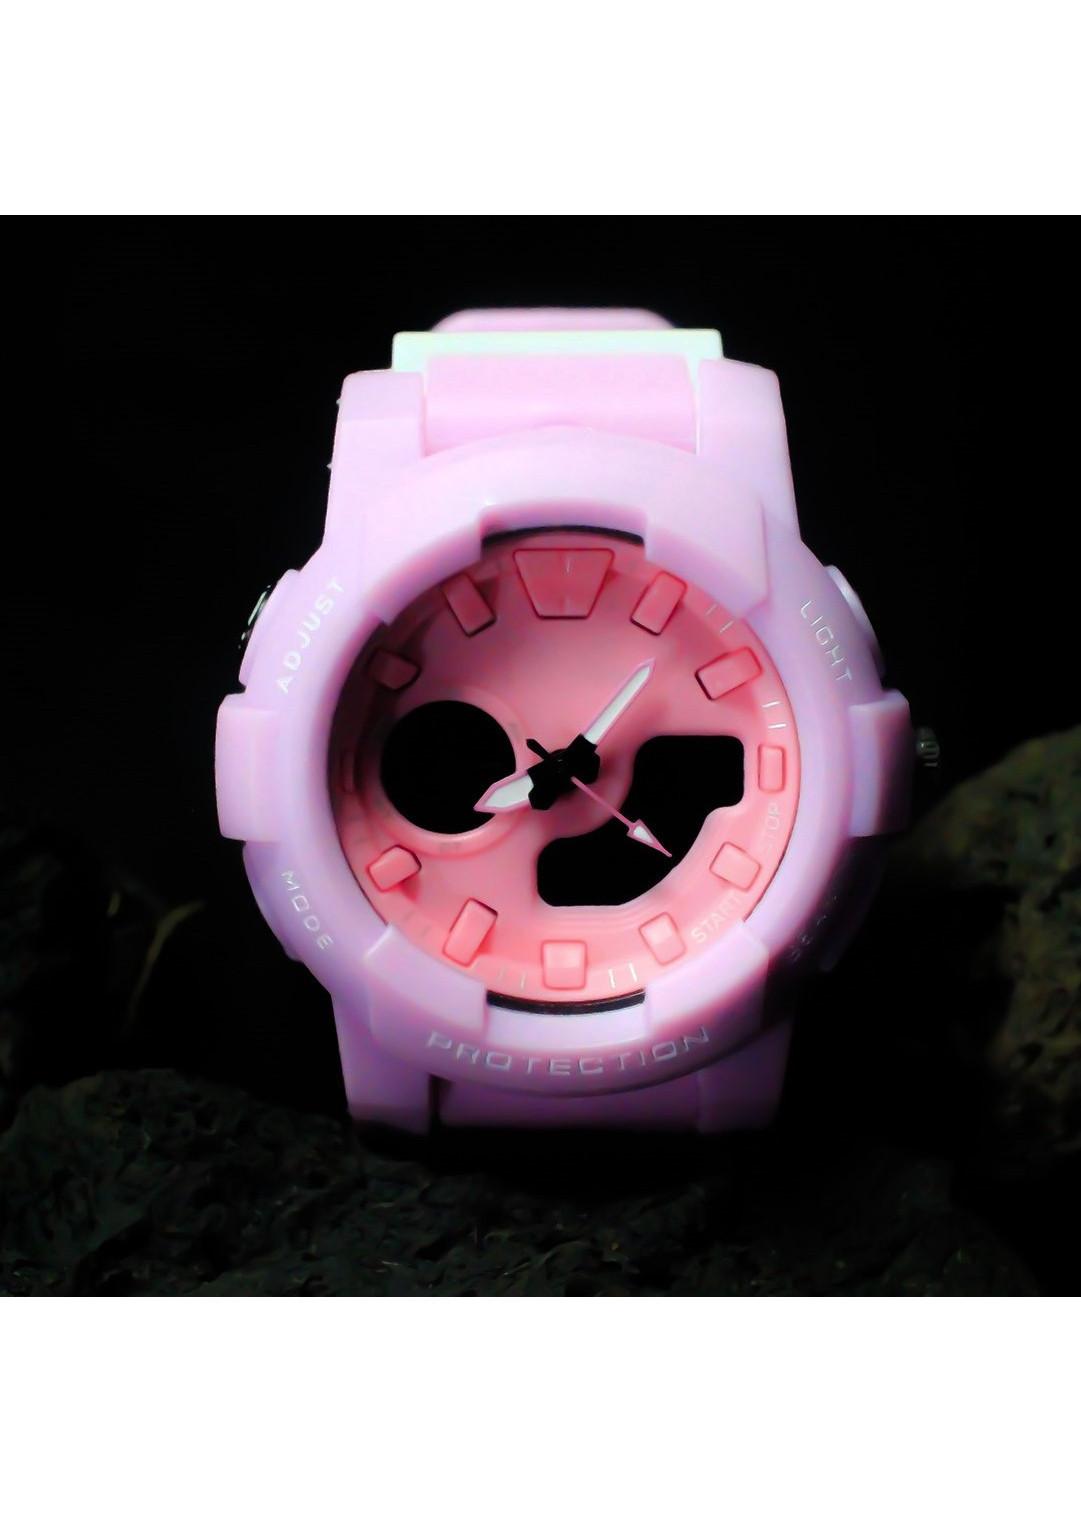 Đồng hồ Thể thao Nữ Siêu Chống Nước, Siêu Chống Sốc kiểu dáng Trẻ trung, năng động, nhiều màu siêu dễ thương